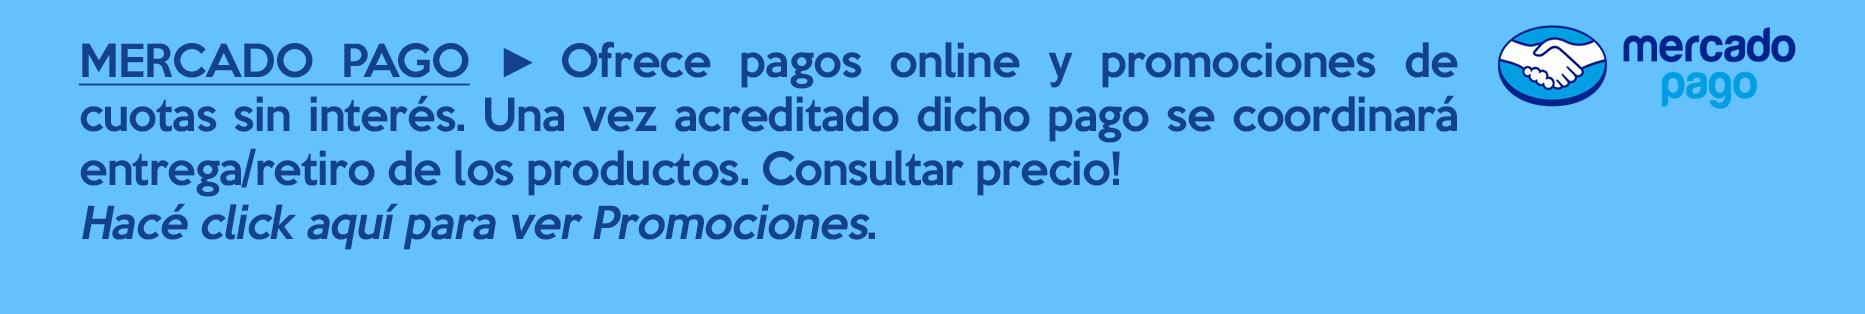 FORMA DE PAGO 2 - 2017